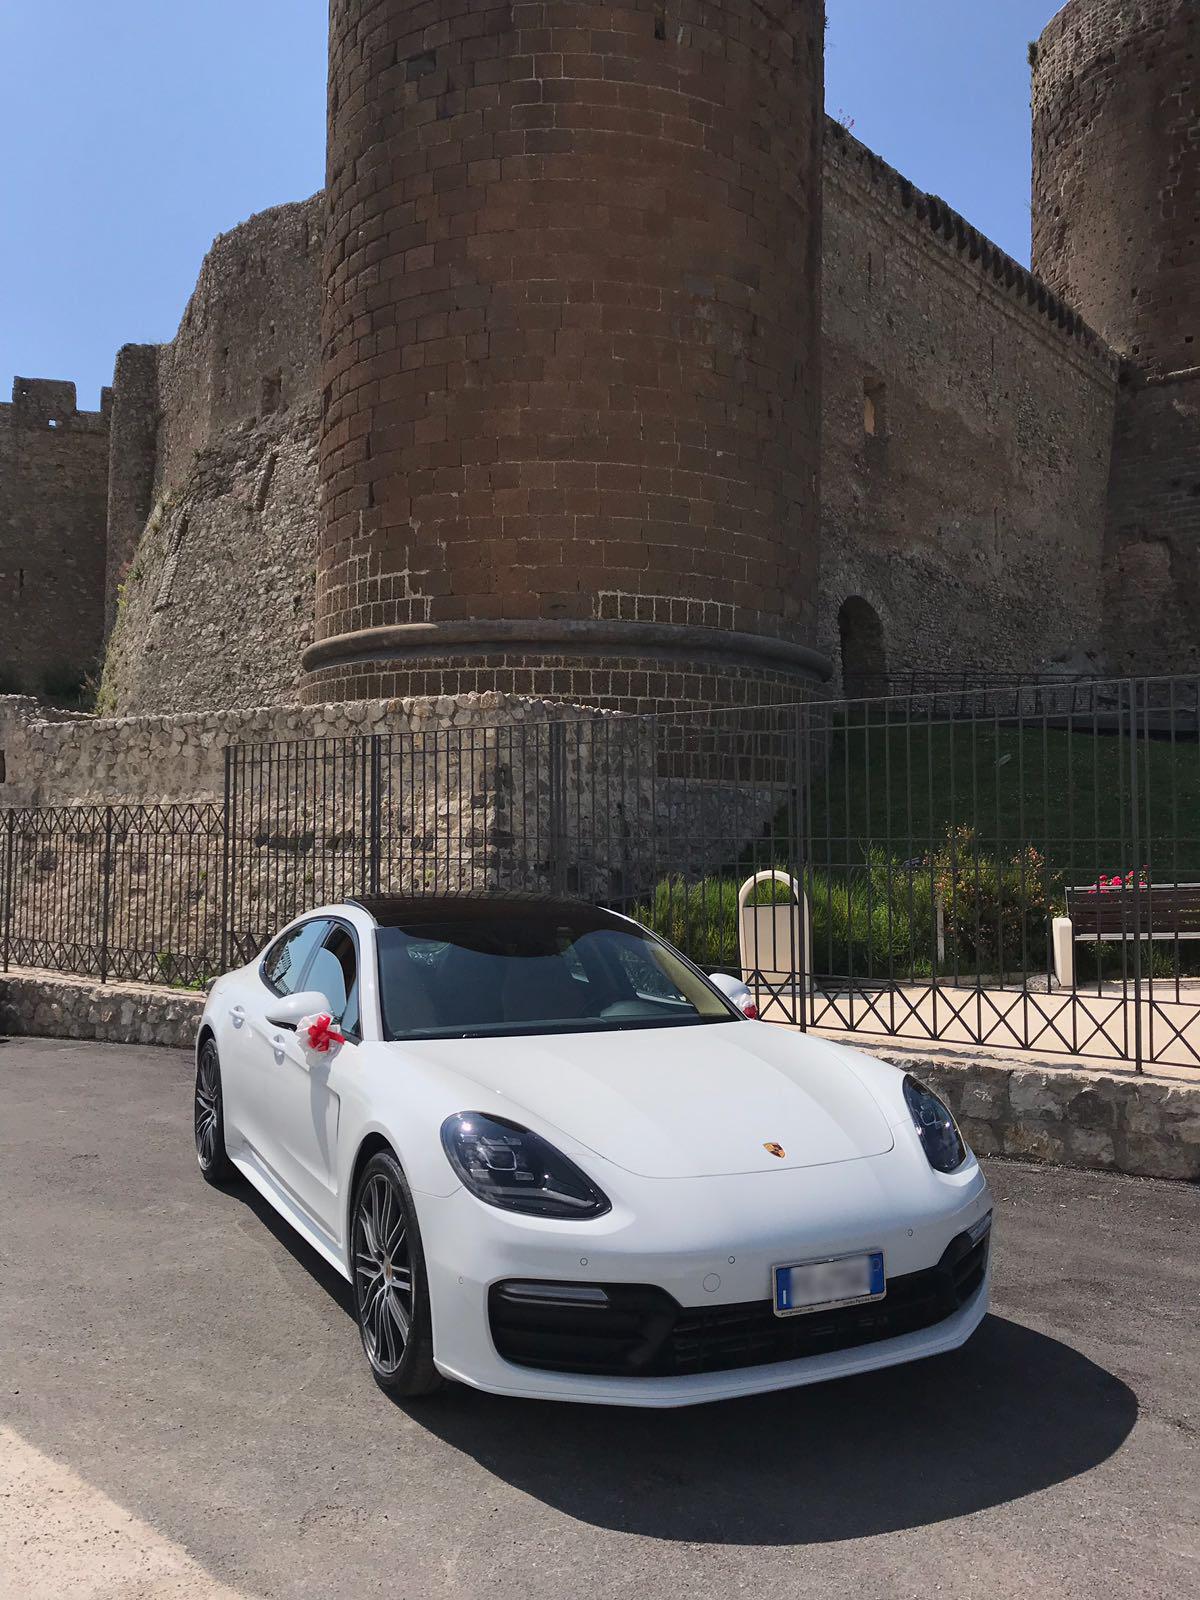 La nuova Porsche panamera con addobbi bianchi e rossi scelto e voluti dagli sposi per mantenere il tema del matrimonio.